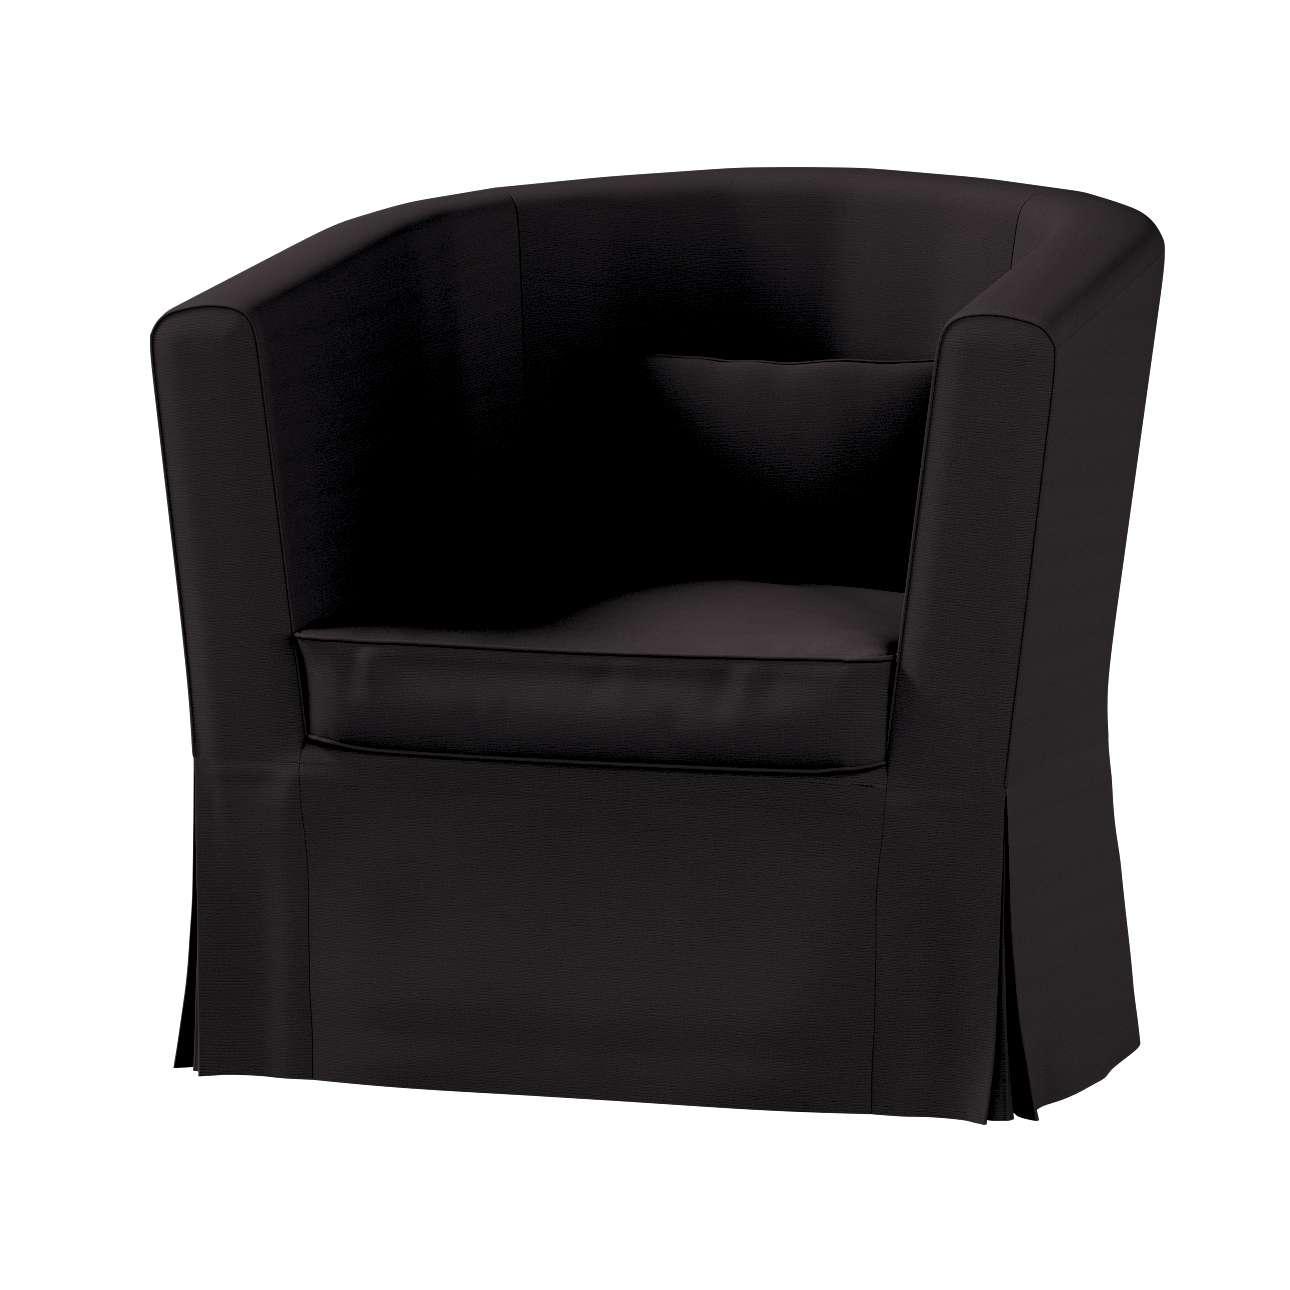 EKTORP TULLSTA fotelio užvalkalas Ektorp Tullsta fotelio užvalkalas kolekcijoje Cotton Panama, audinys: 702-08